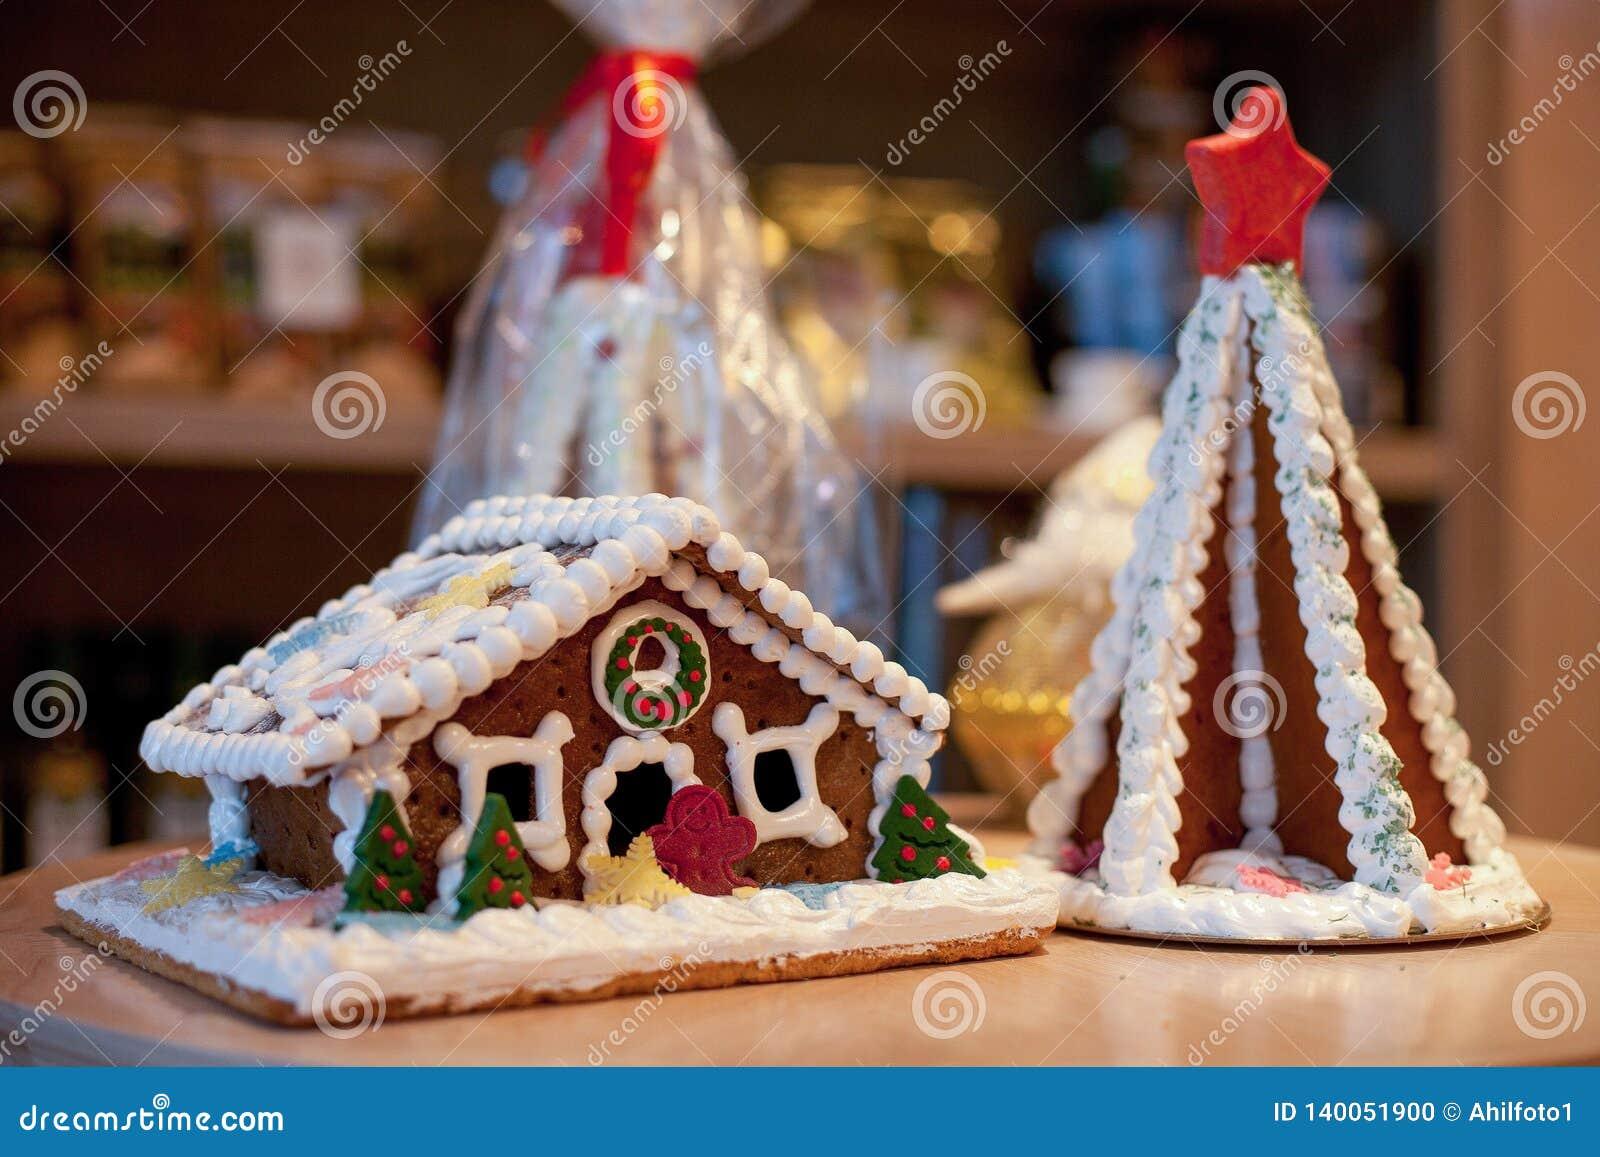 Pan de jengibre de la Navidad bajo la forma de house&